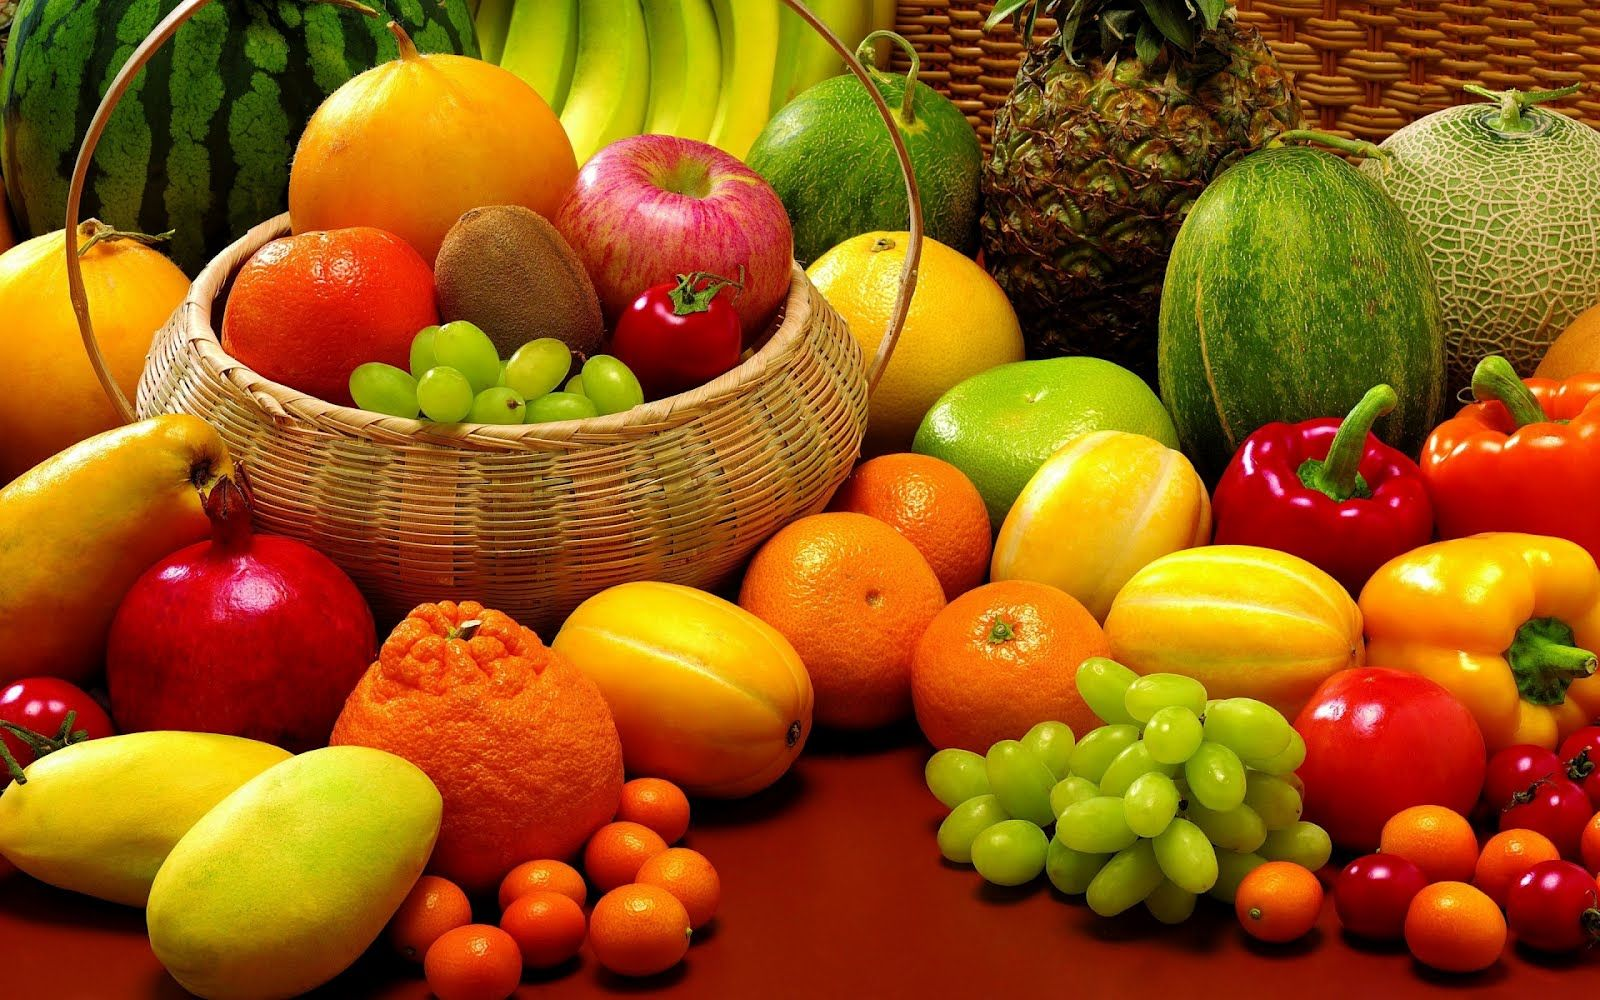 Las frutas son calor as vac as agua con az car salud y for Semillas de frutas y verduras